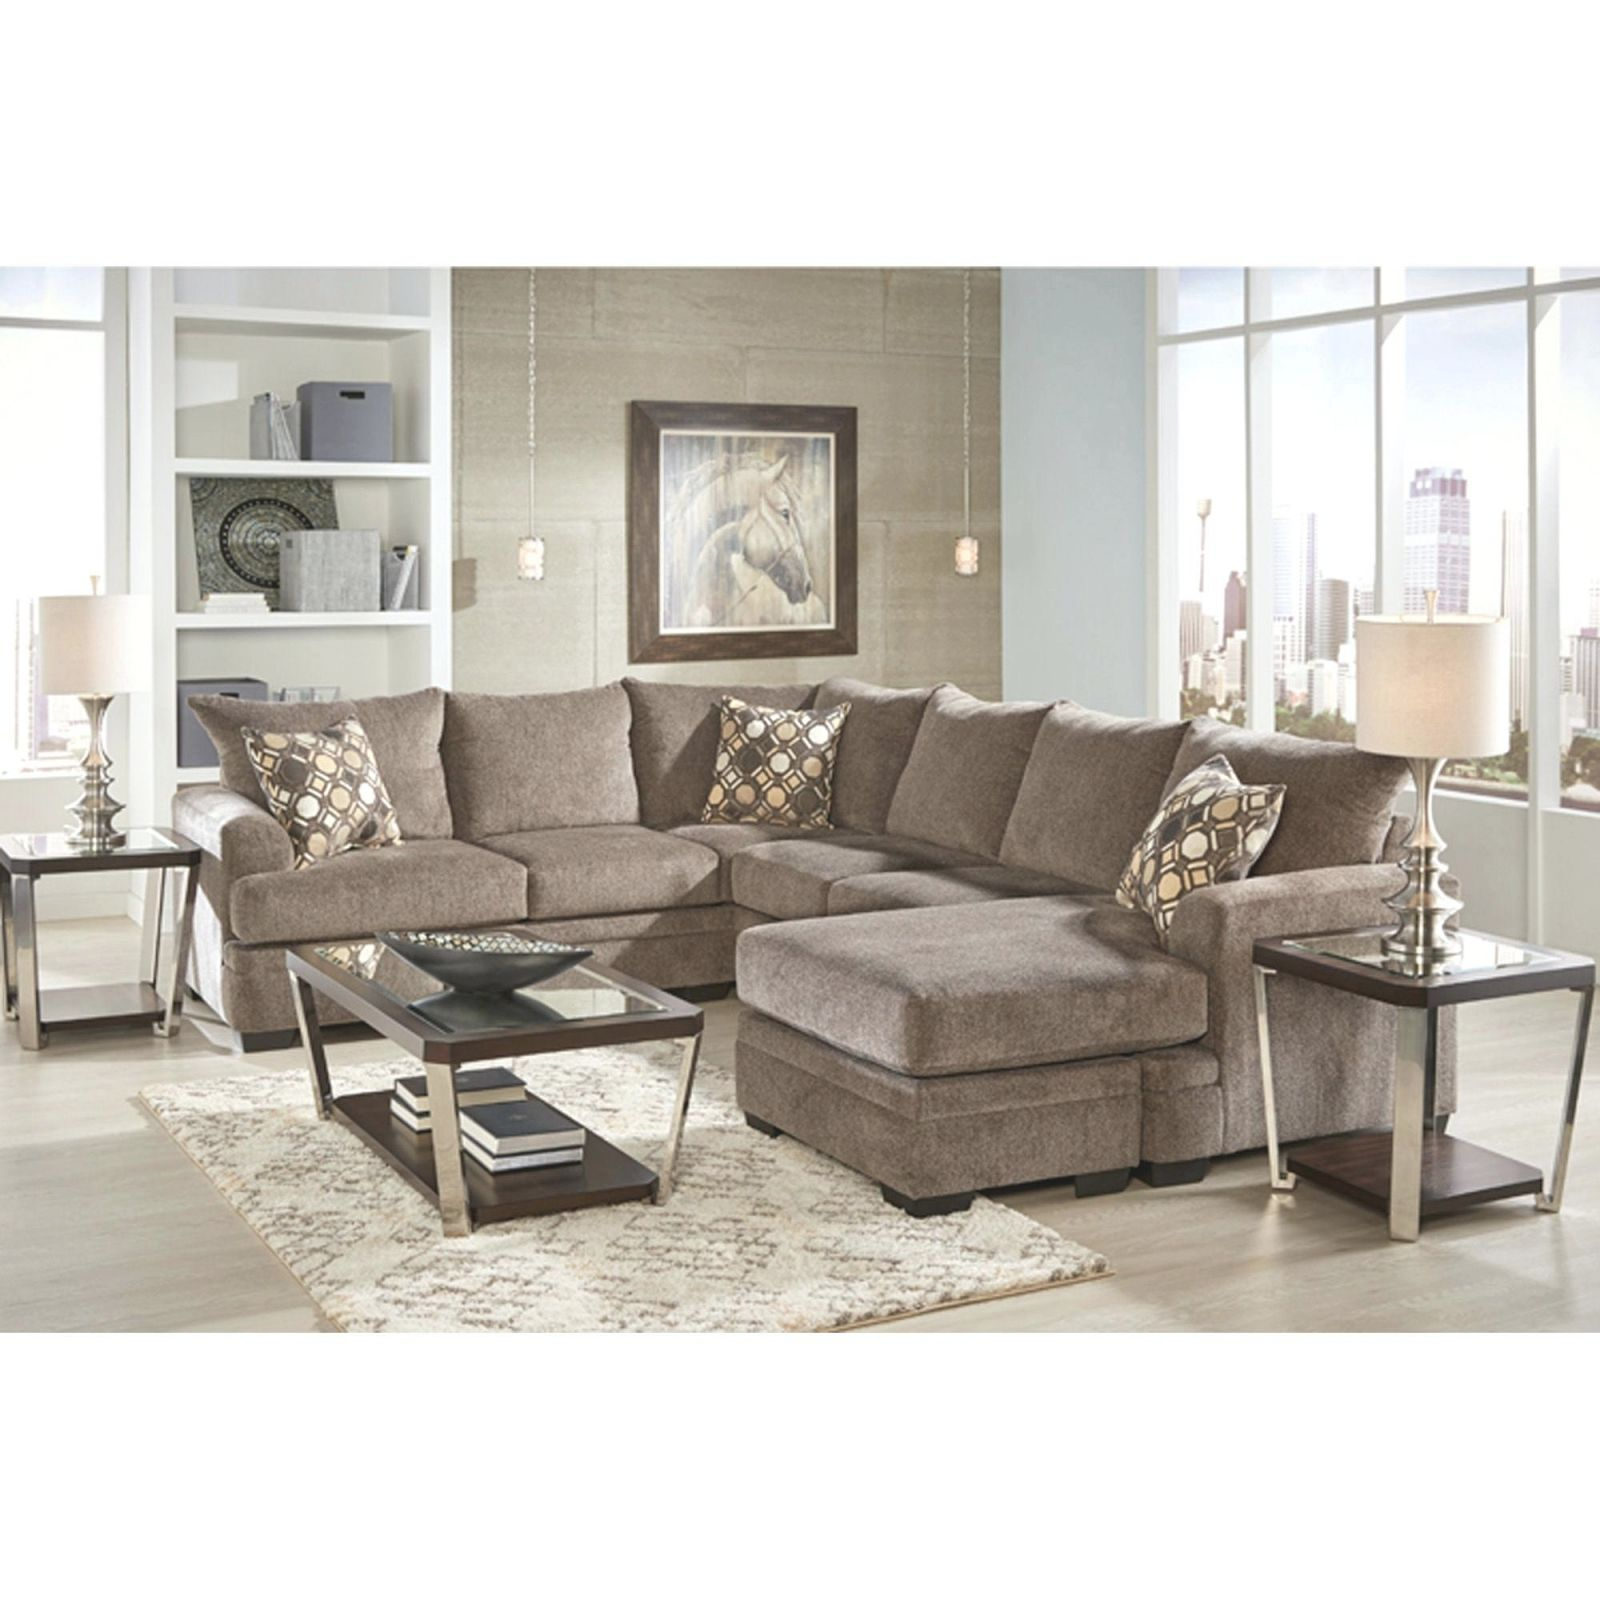 Unique Living Room Furniture Sets For Sale